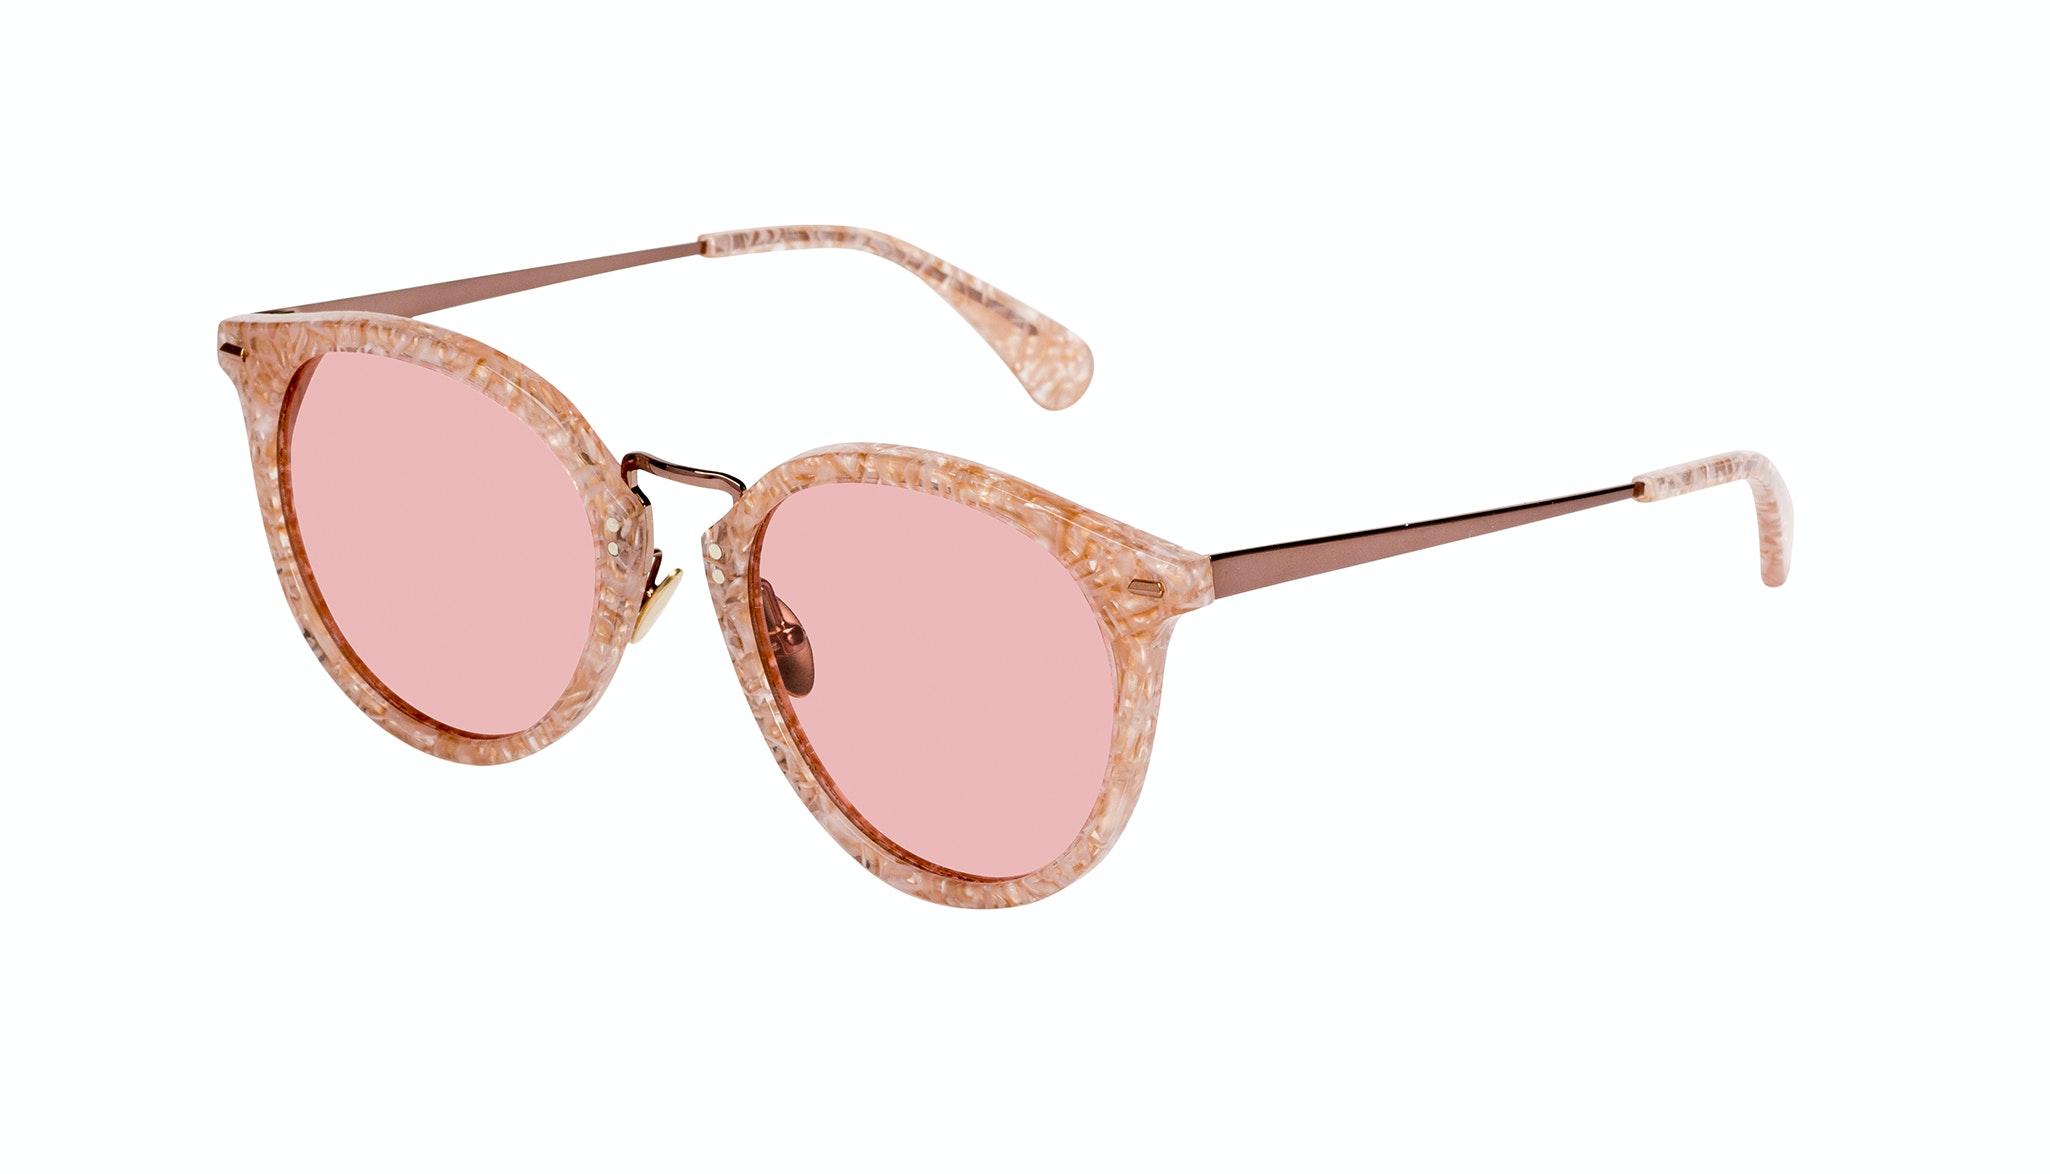 Affordable Fashion Glasses Cat Eye Sunglasses Women Poppy Provence Tilt